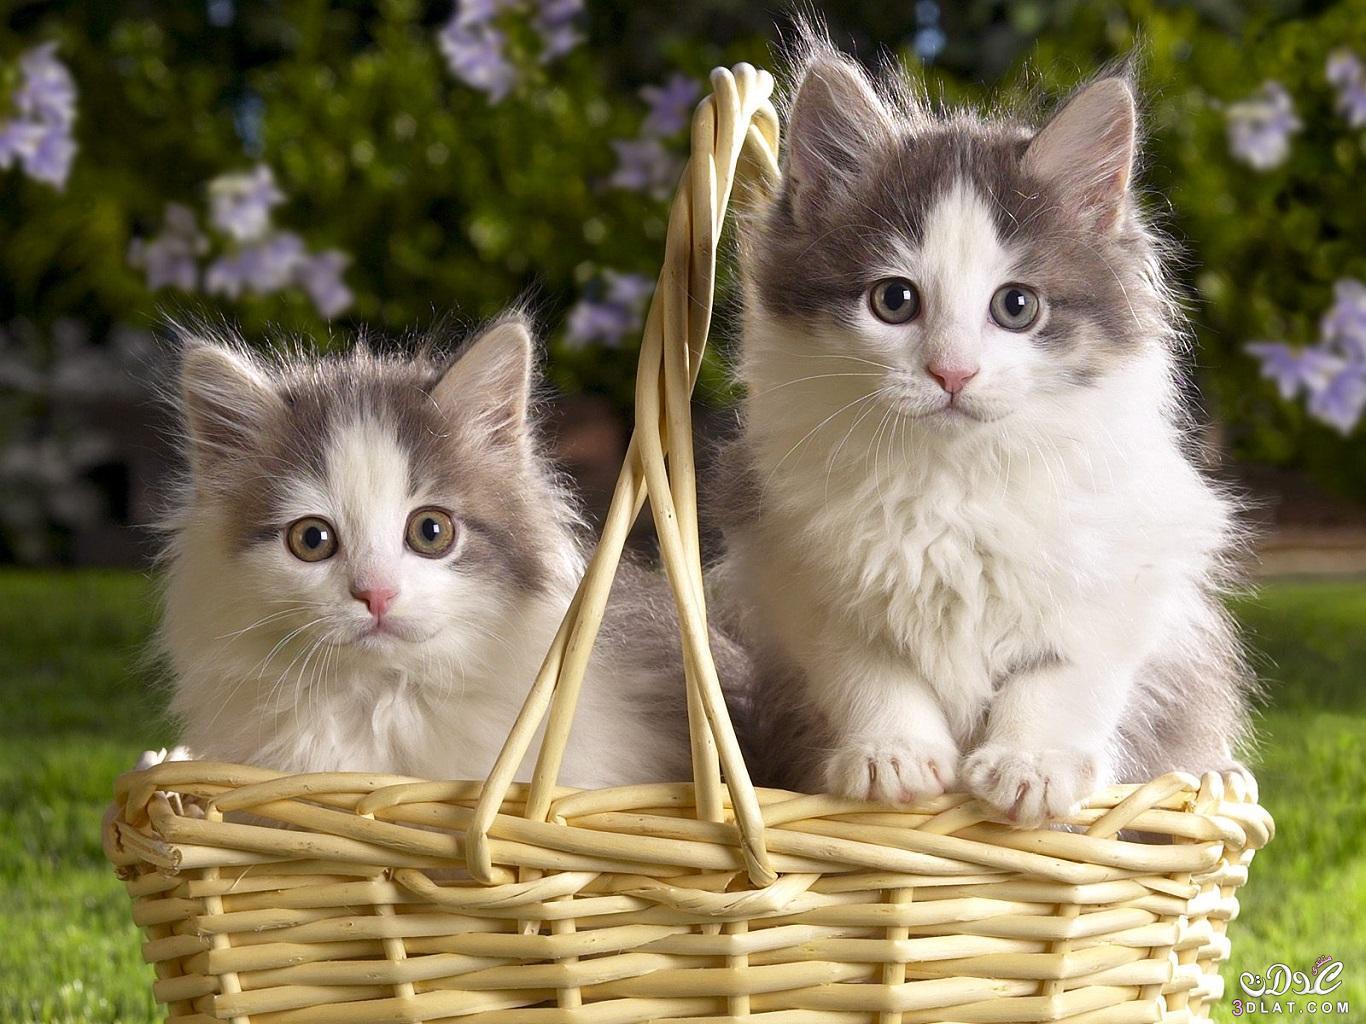 بالصور اجمل واروع القطط صور , قطط كيوت في العالم 42888 10